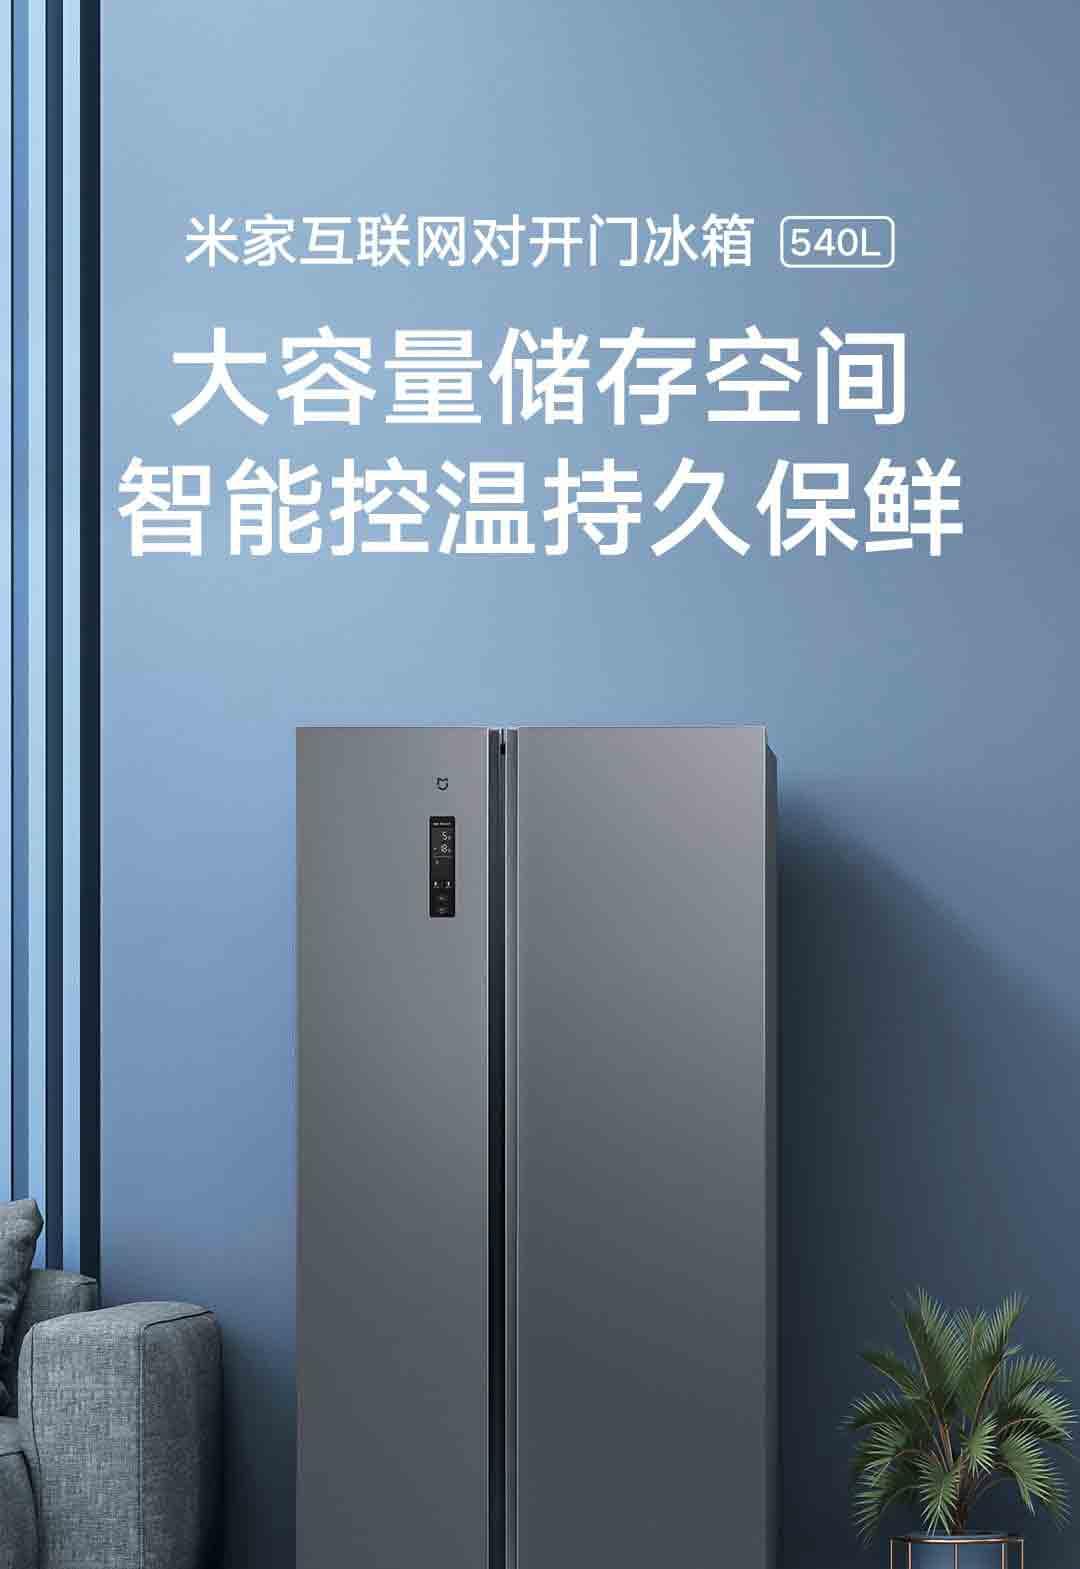 Xiaomi представила свой самый большой холодильник (35d92707f78b93c624c96d29b886a2c5)